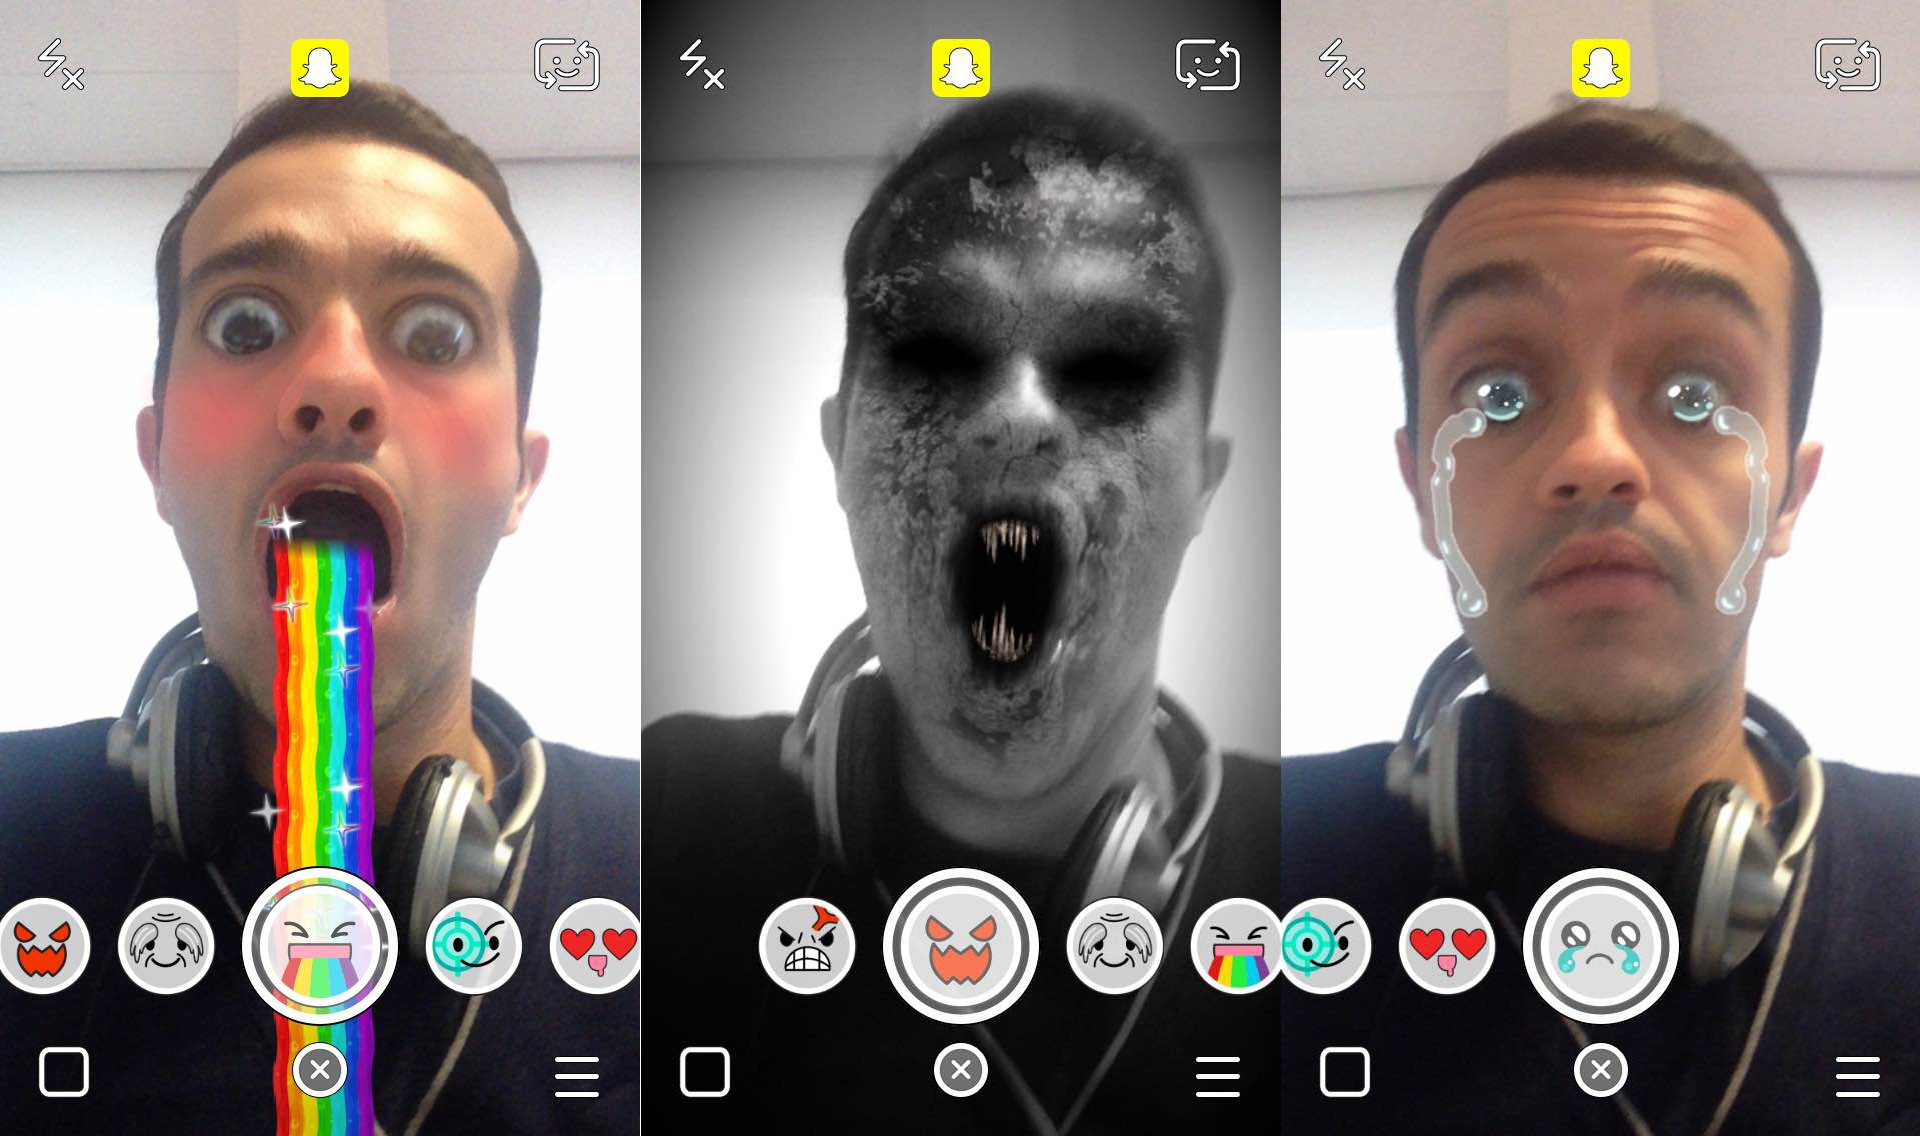 snapchat   nouveaux effets sur les selfies  bo u00eete  u00e0 troph u00e9es  version payante  u00e0  0 99 pour les